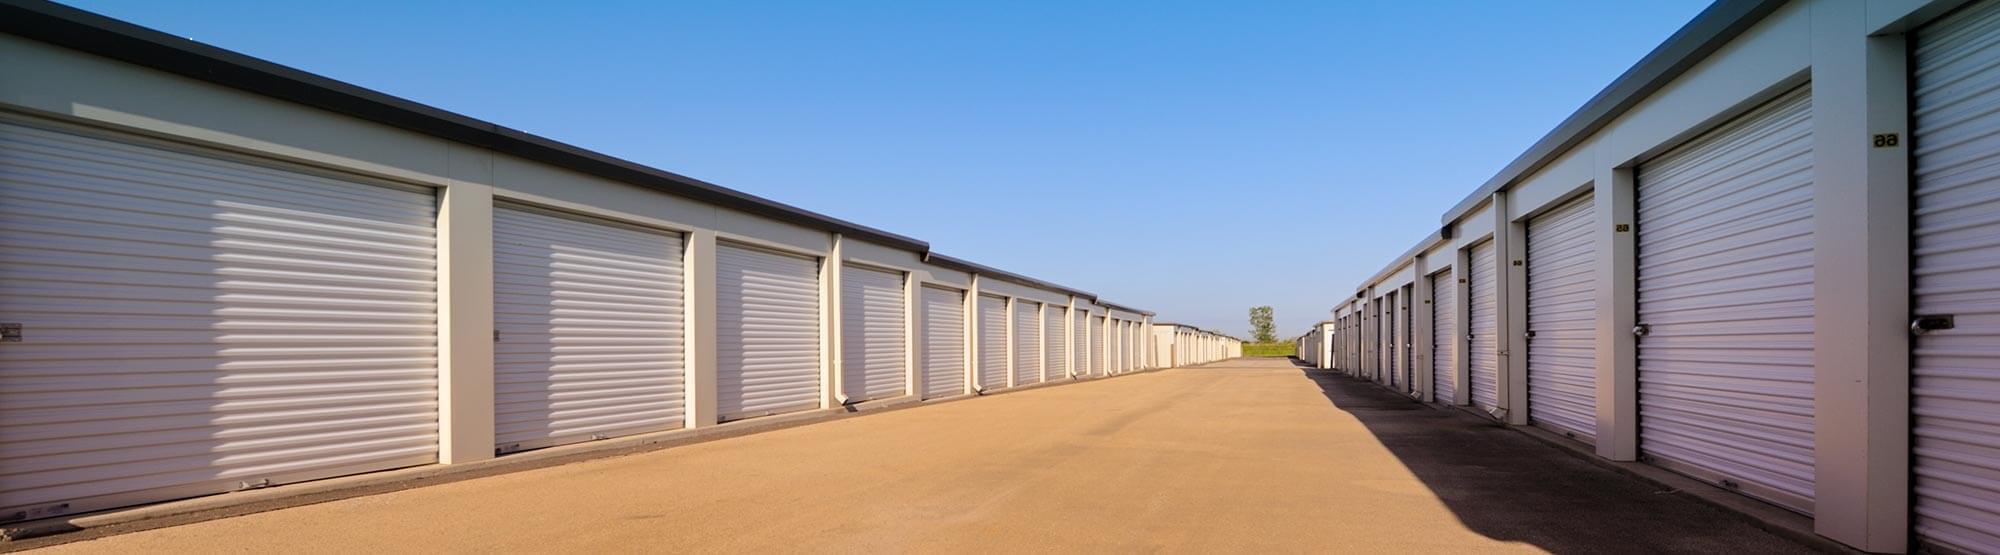 Rows of storage units in Colorado Springs, Colorado